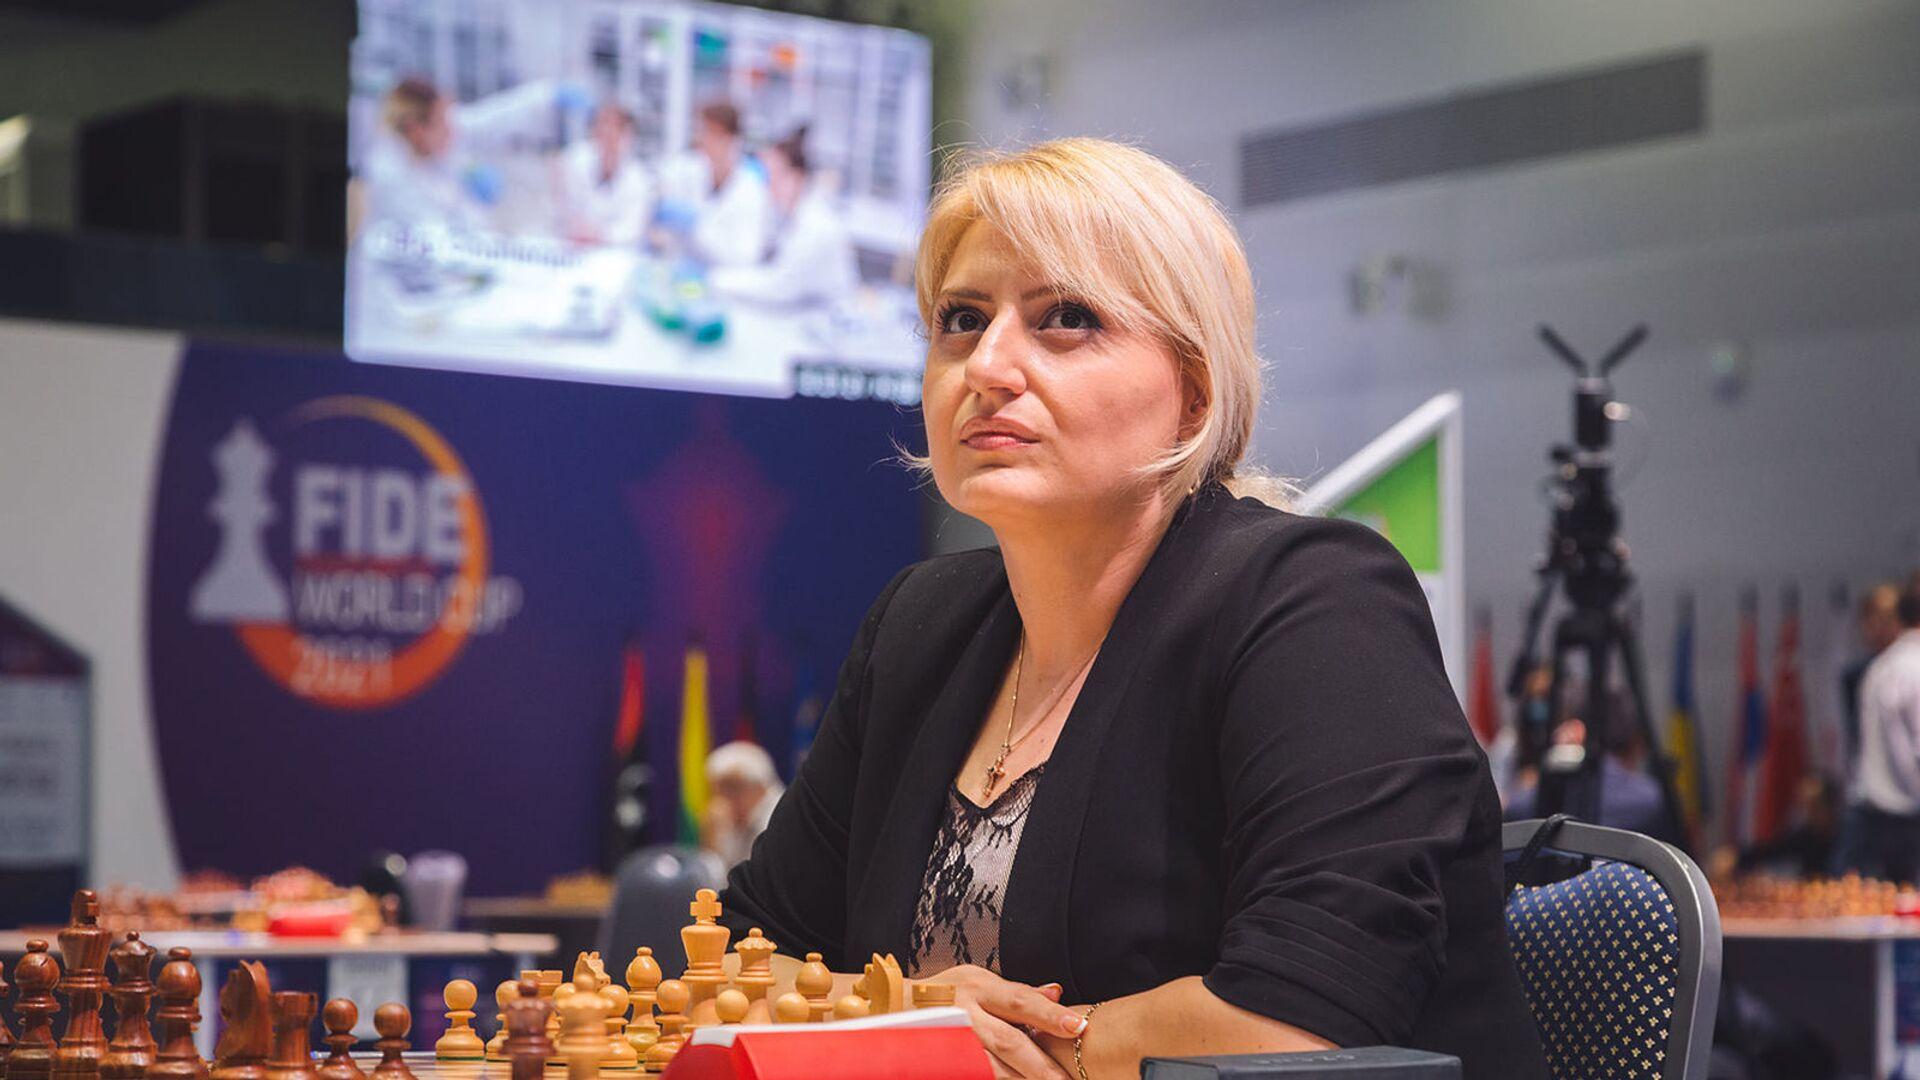 Элина Даниелян на Чемпионате Европы по шахматам среди женщин  - Sputnik Արմենիա, 1920, 15.08.2021